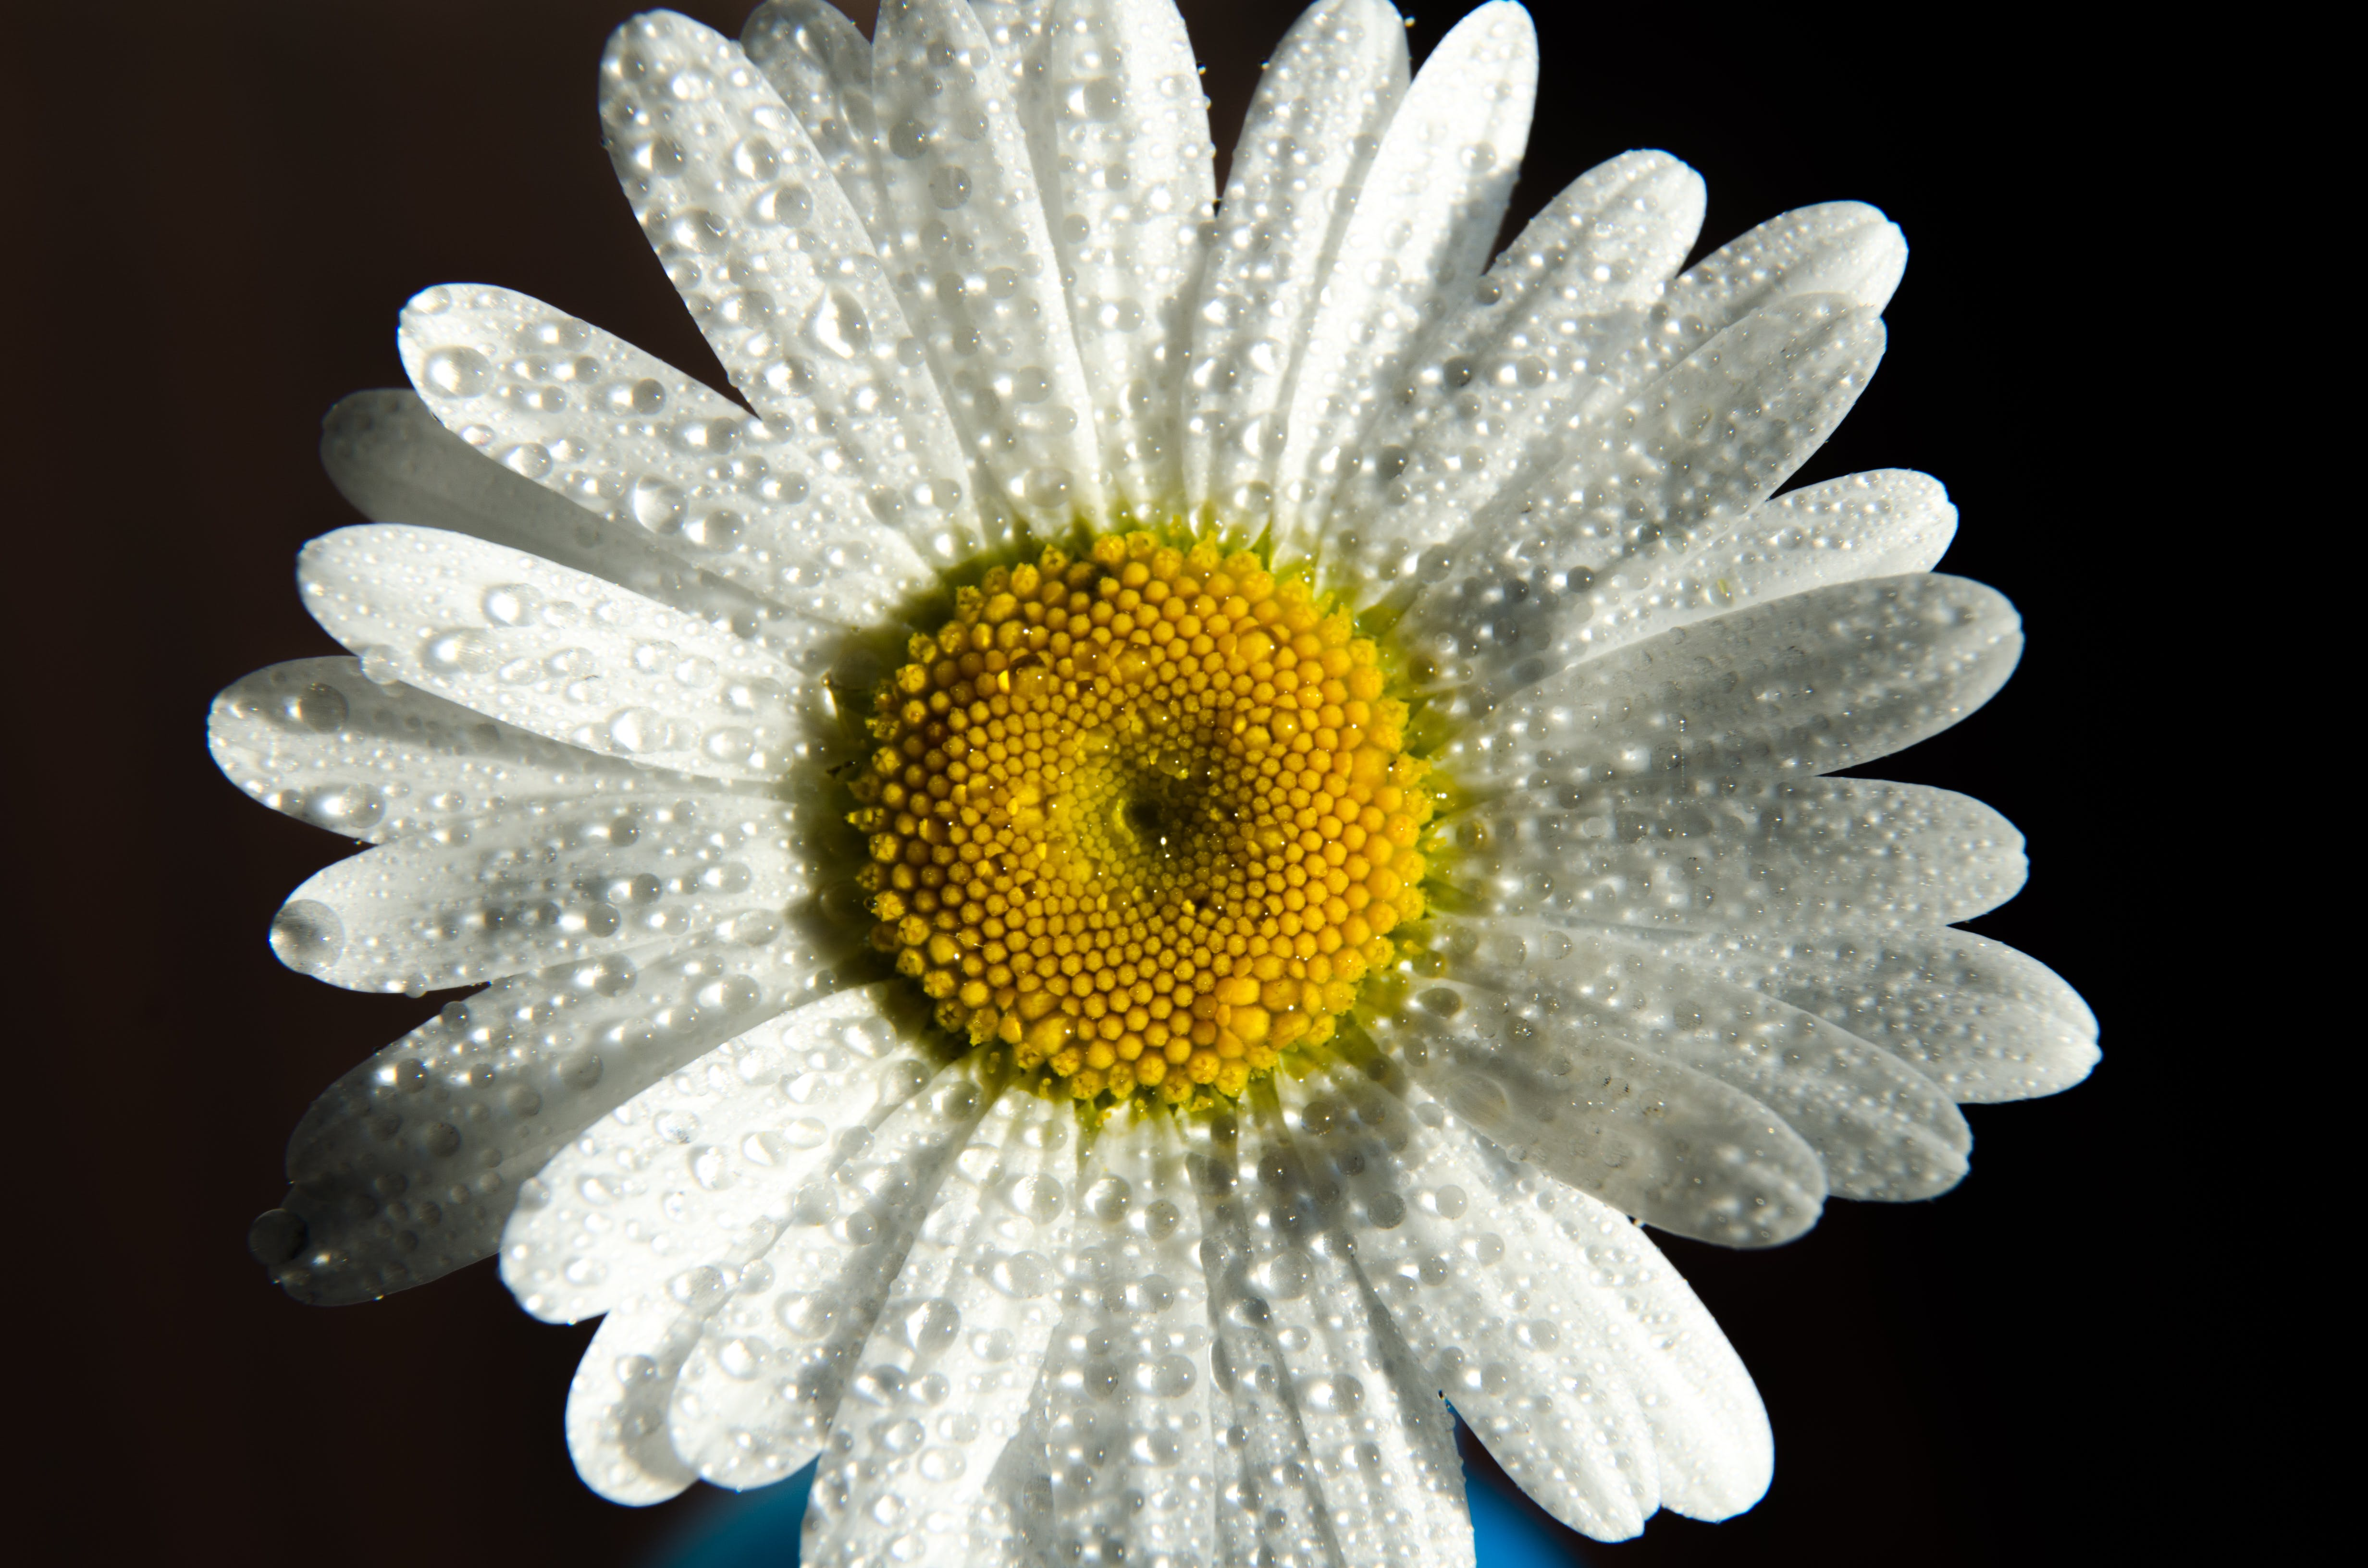 White Daisy in Macro Shot